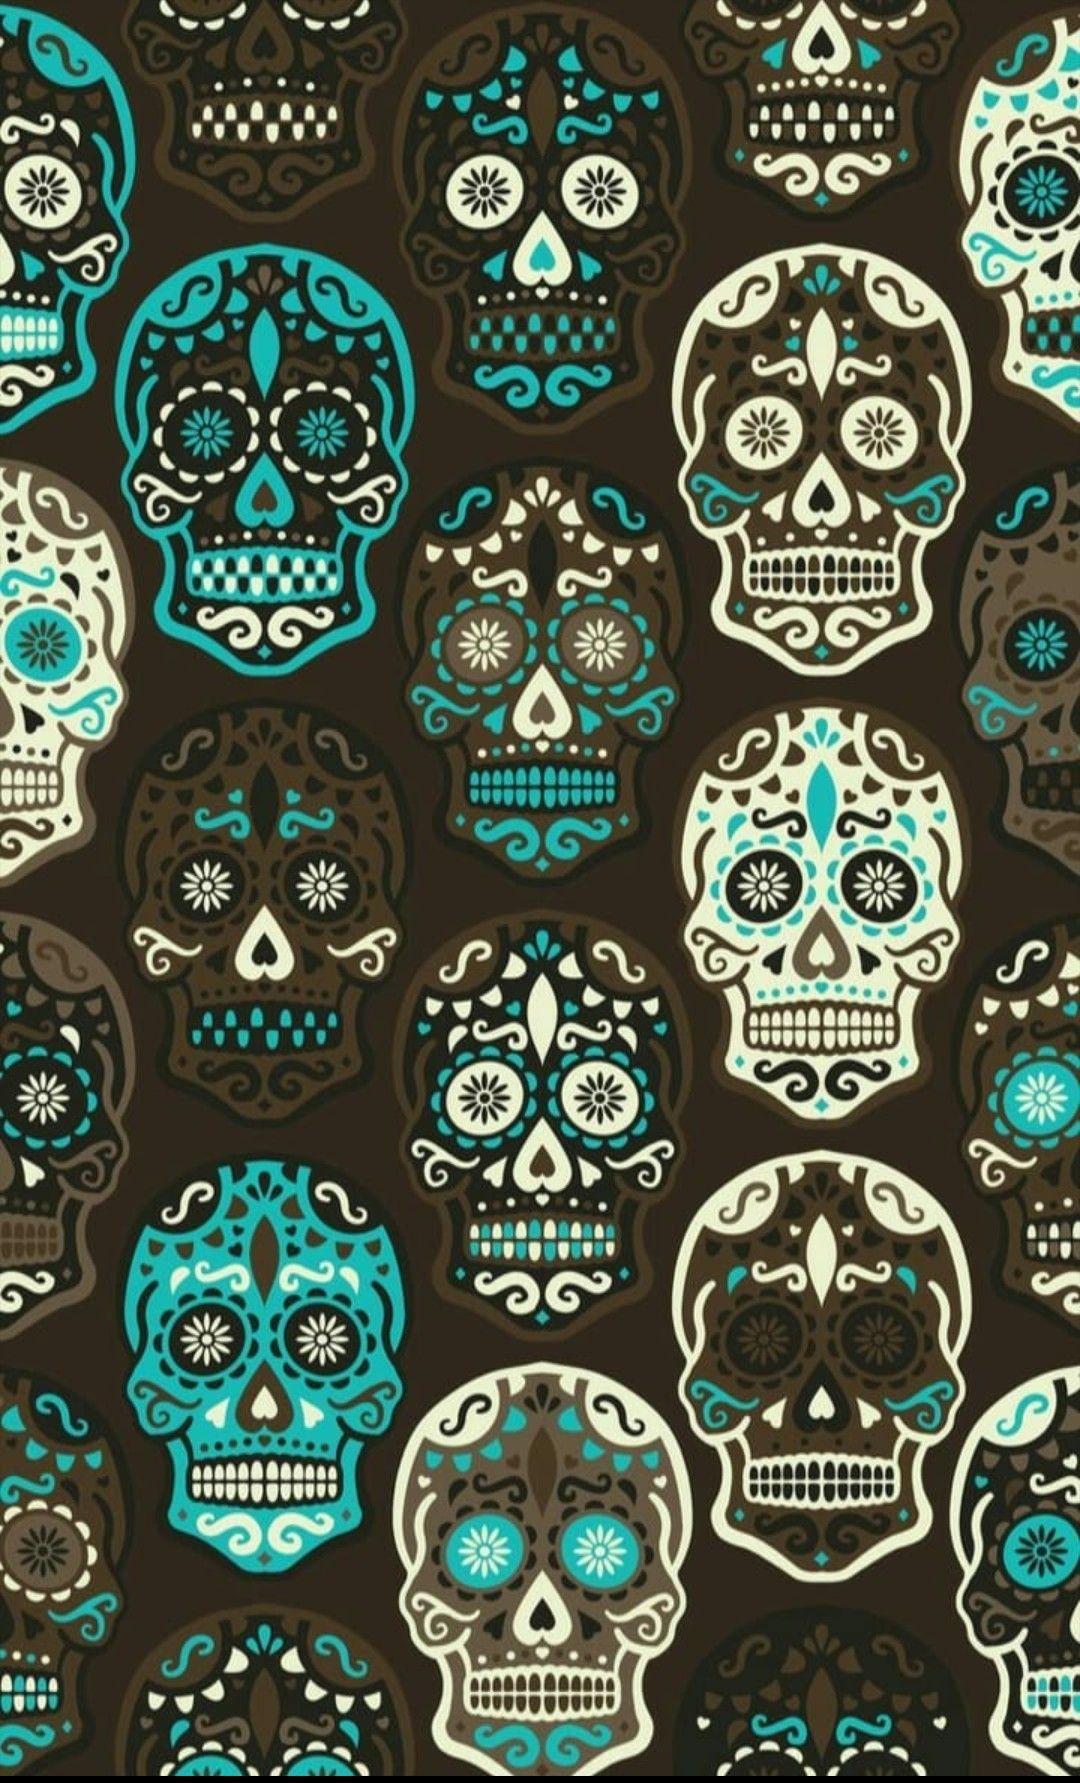 Pin By Missy Cook On Sugar Skulls Skull Wallpaper Art Wallpaper Mexican Art